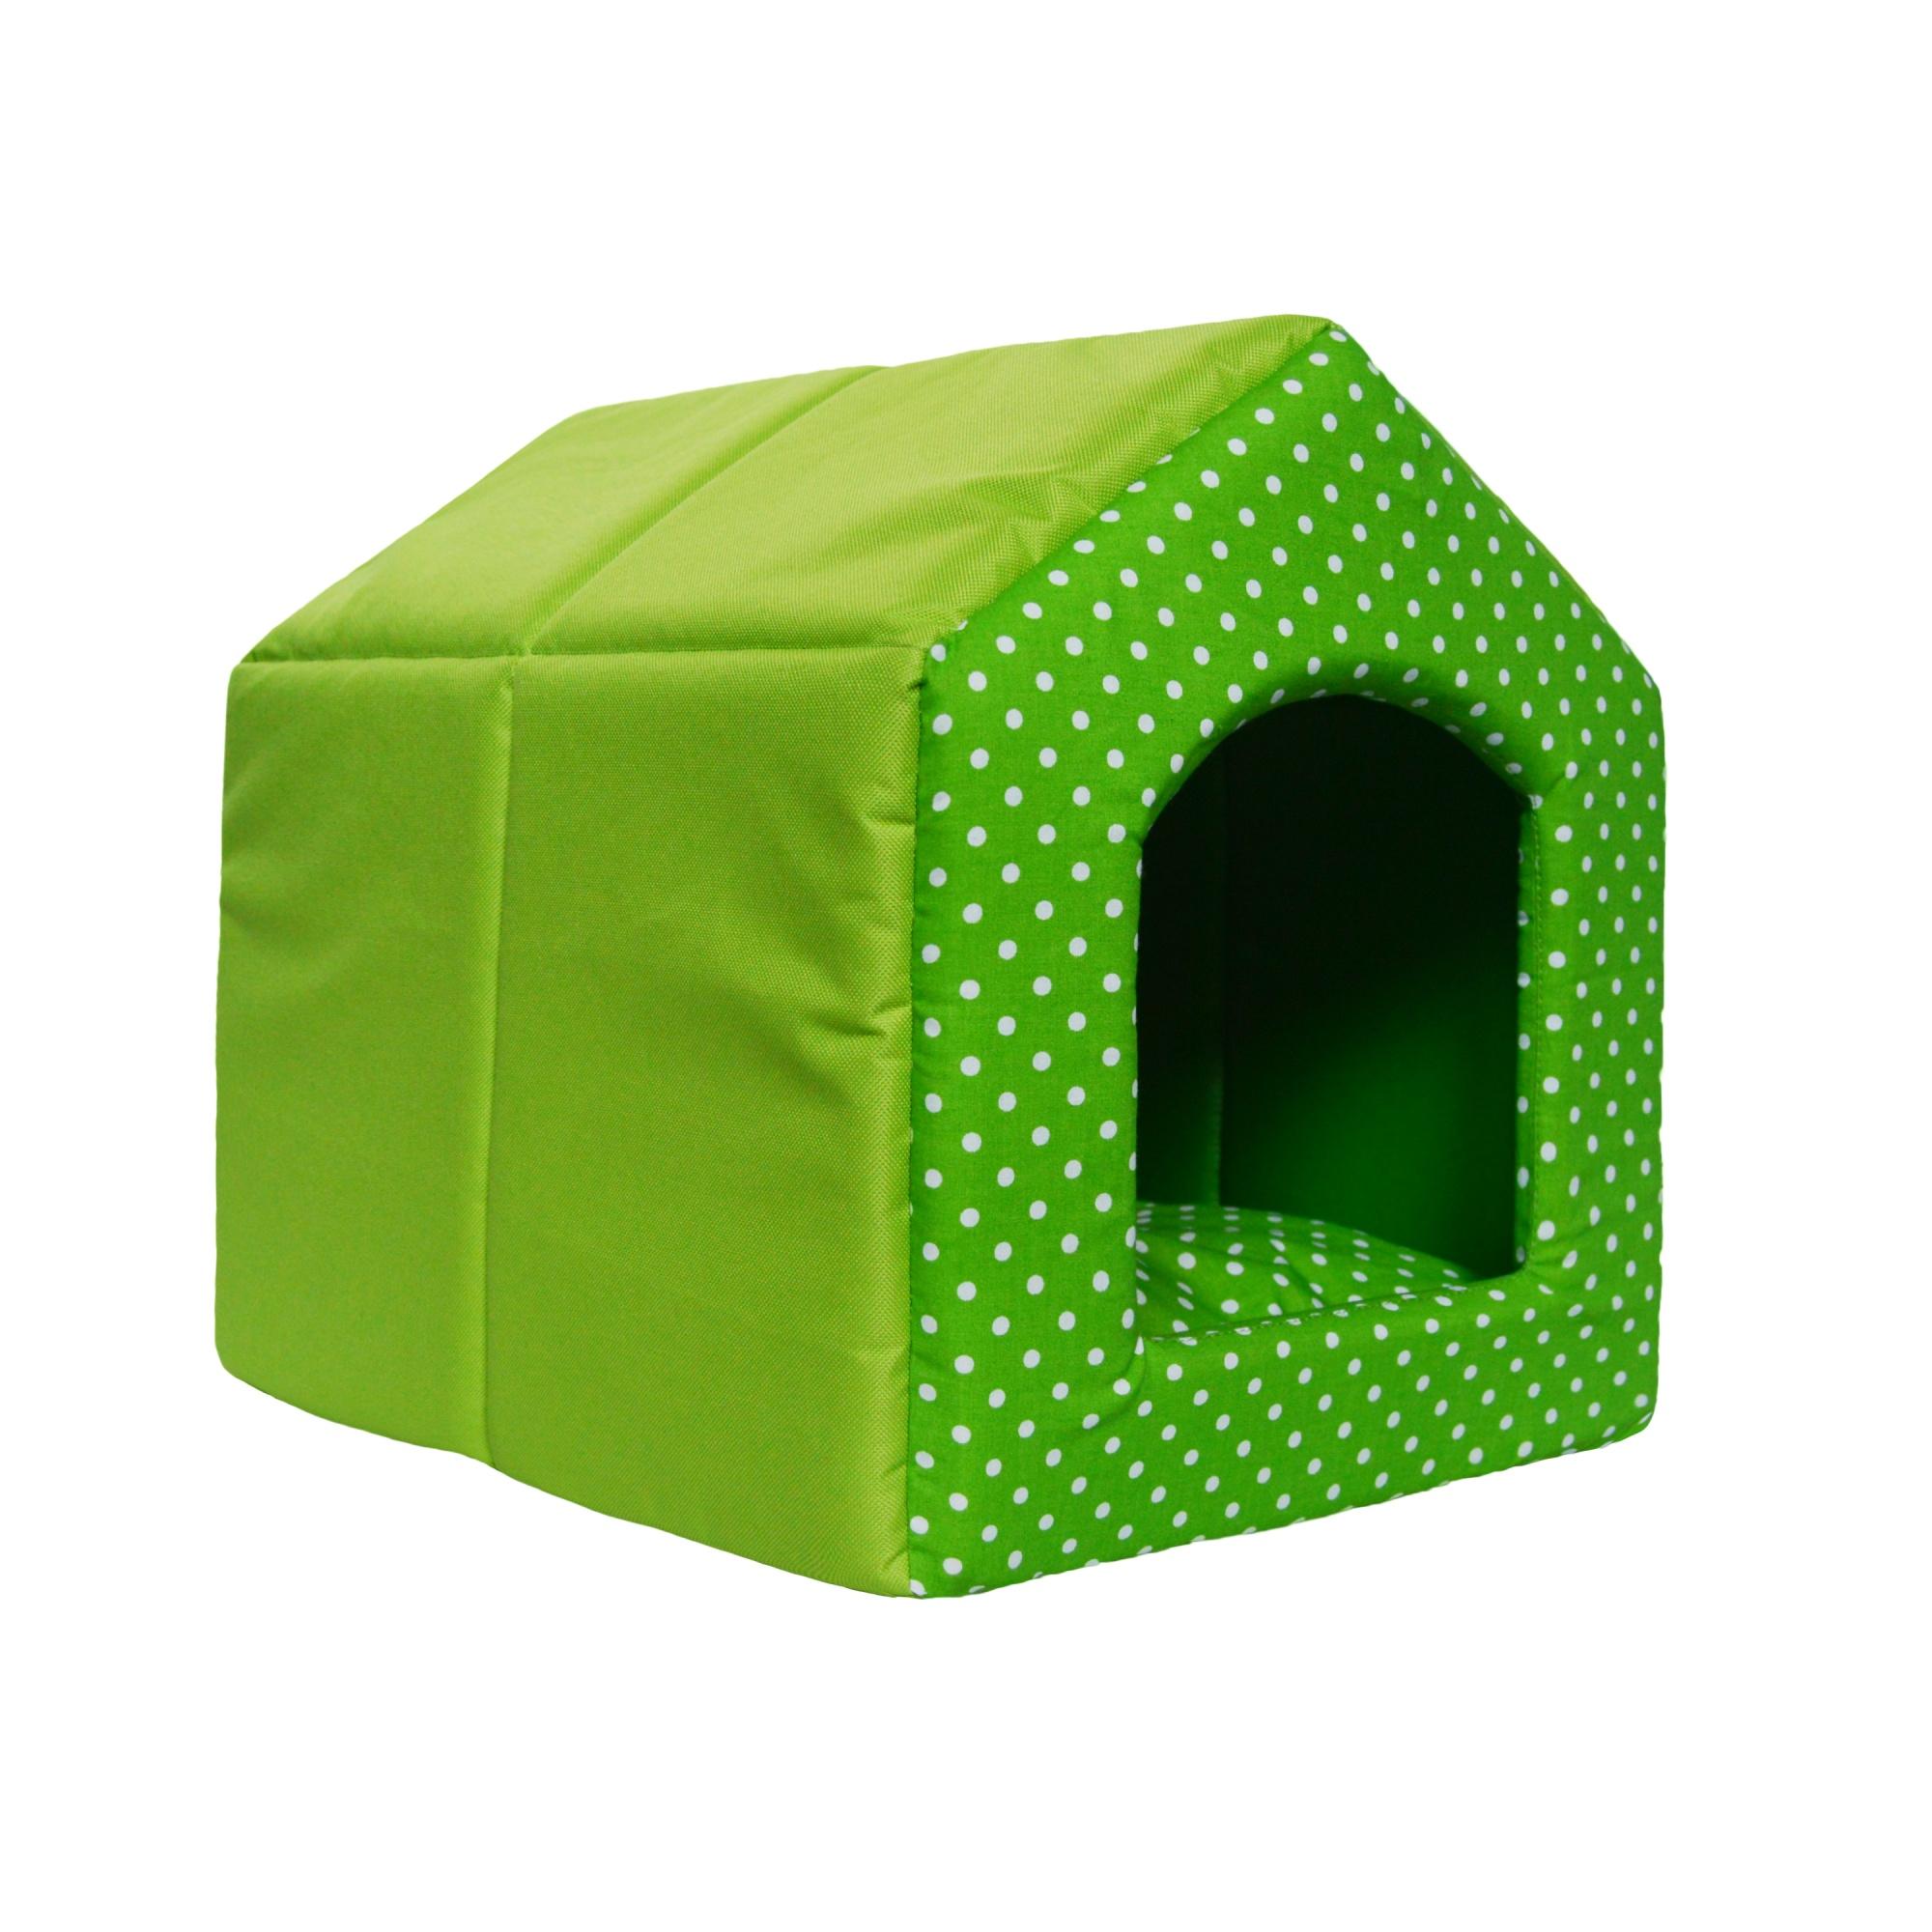 Bouda pro psy 2v1, no. 13, zelená s puntíky, vel1